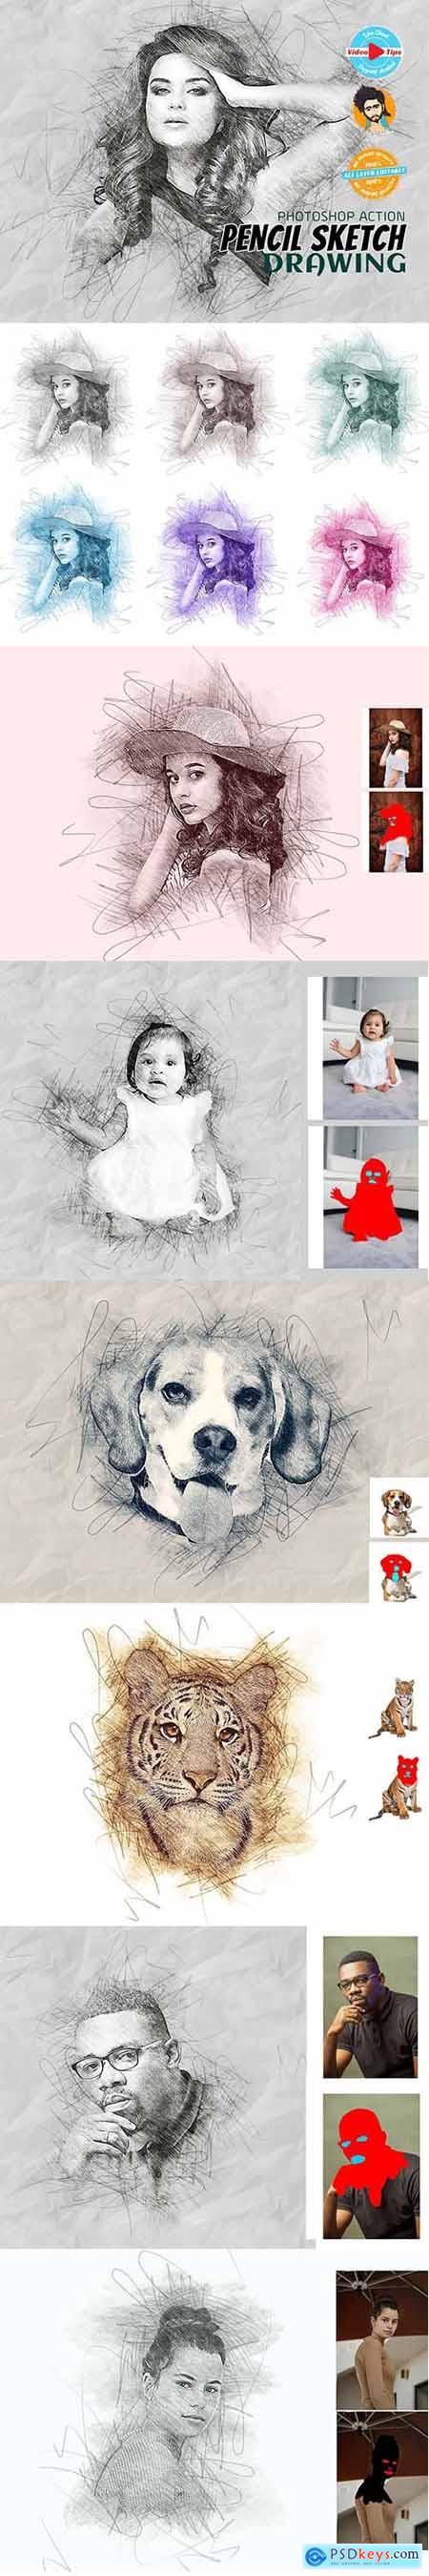 Pencil Sketch Drawing 5962486